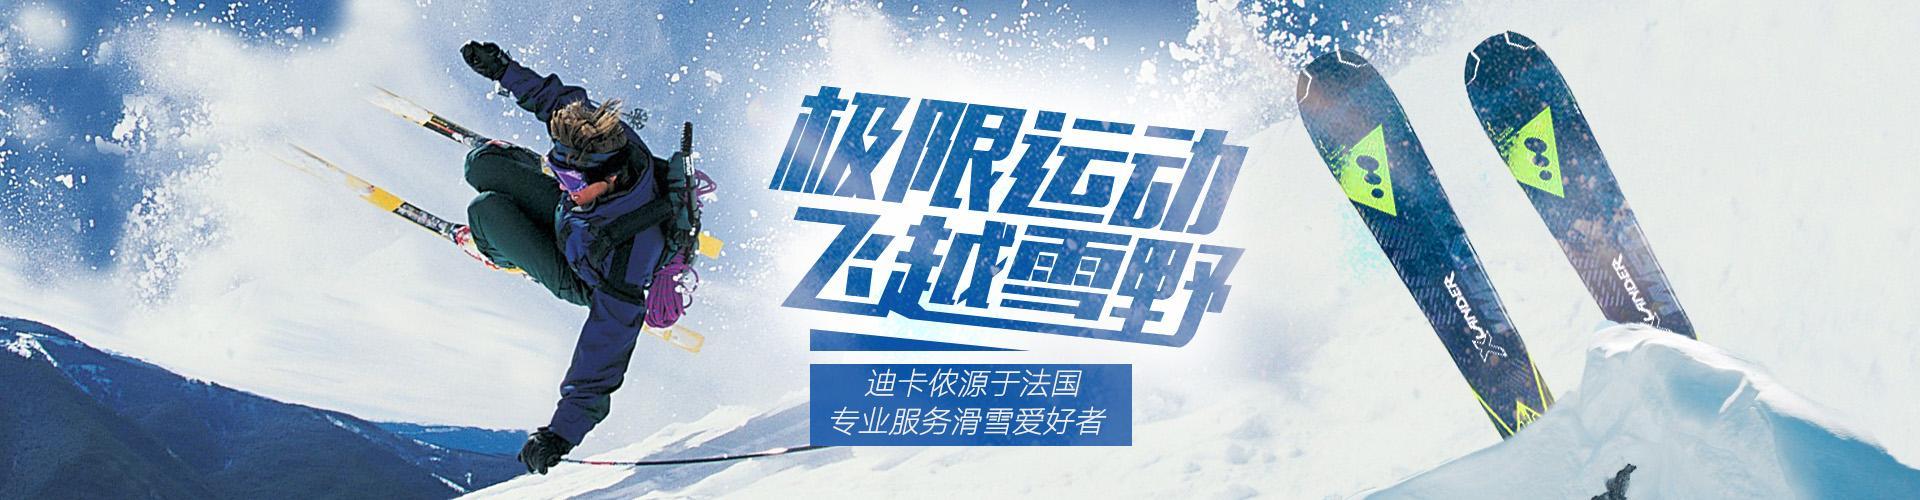 极限运动,飞越雪野